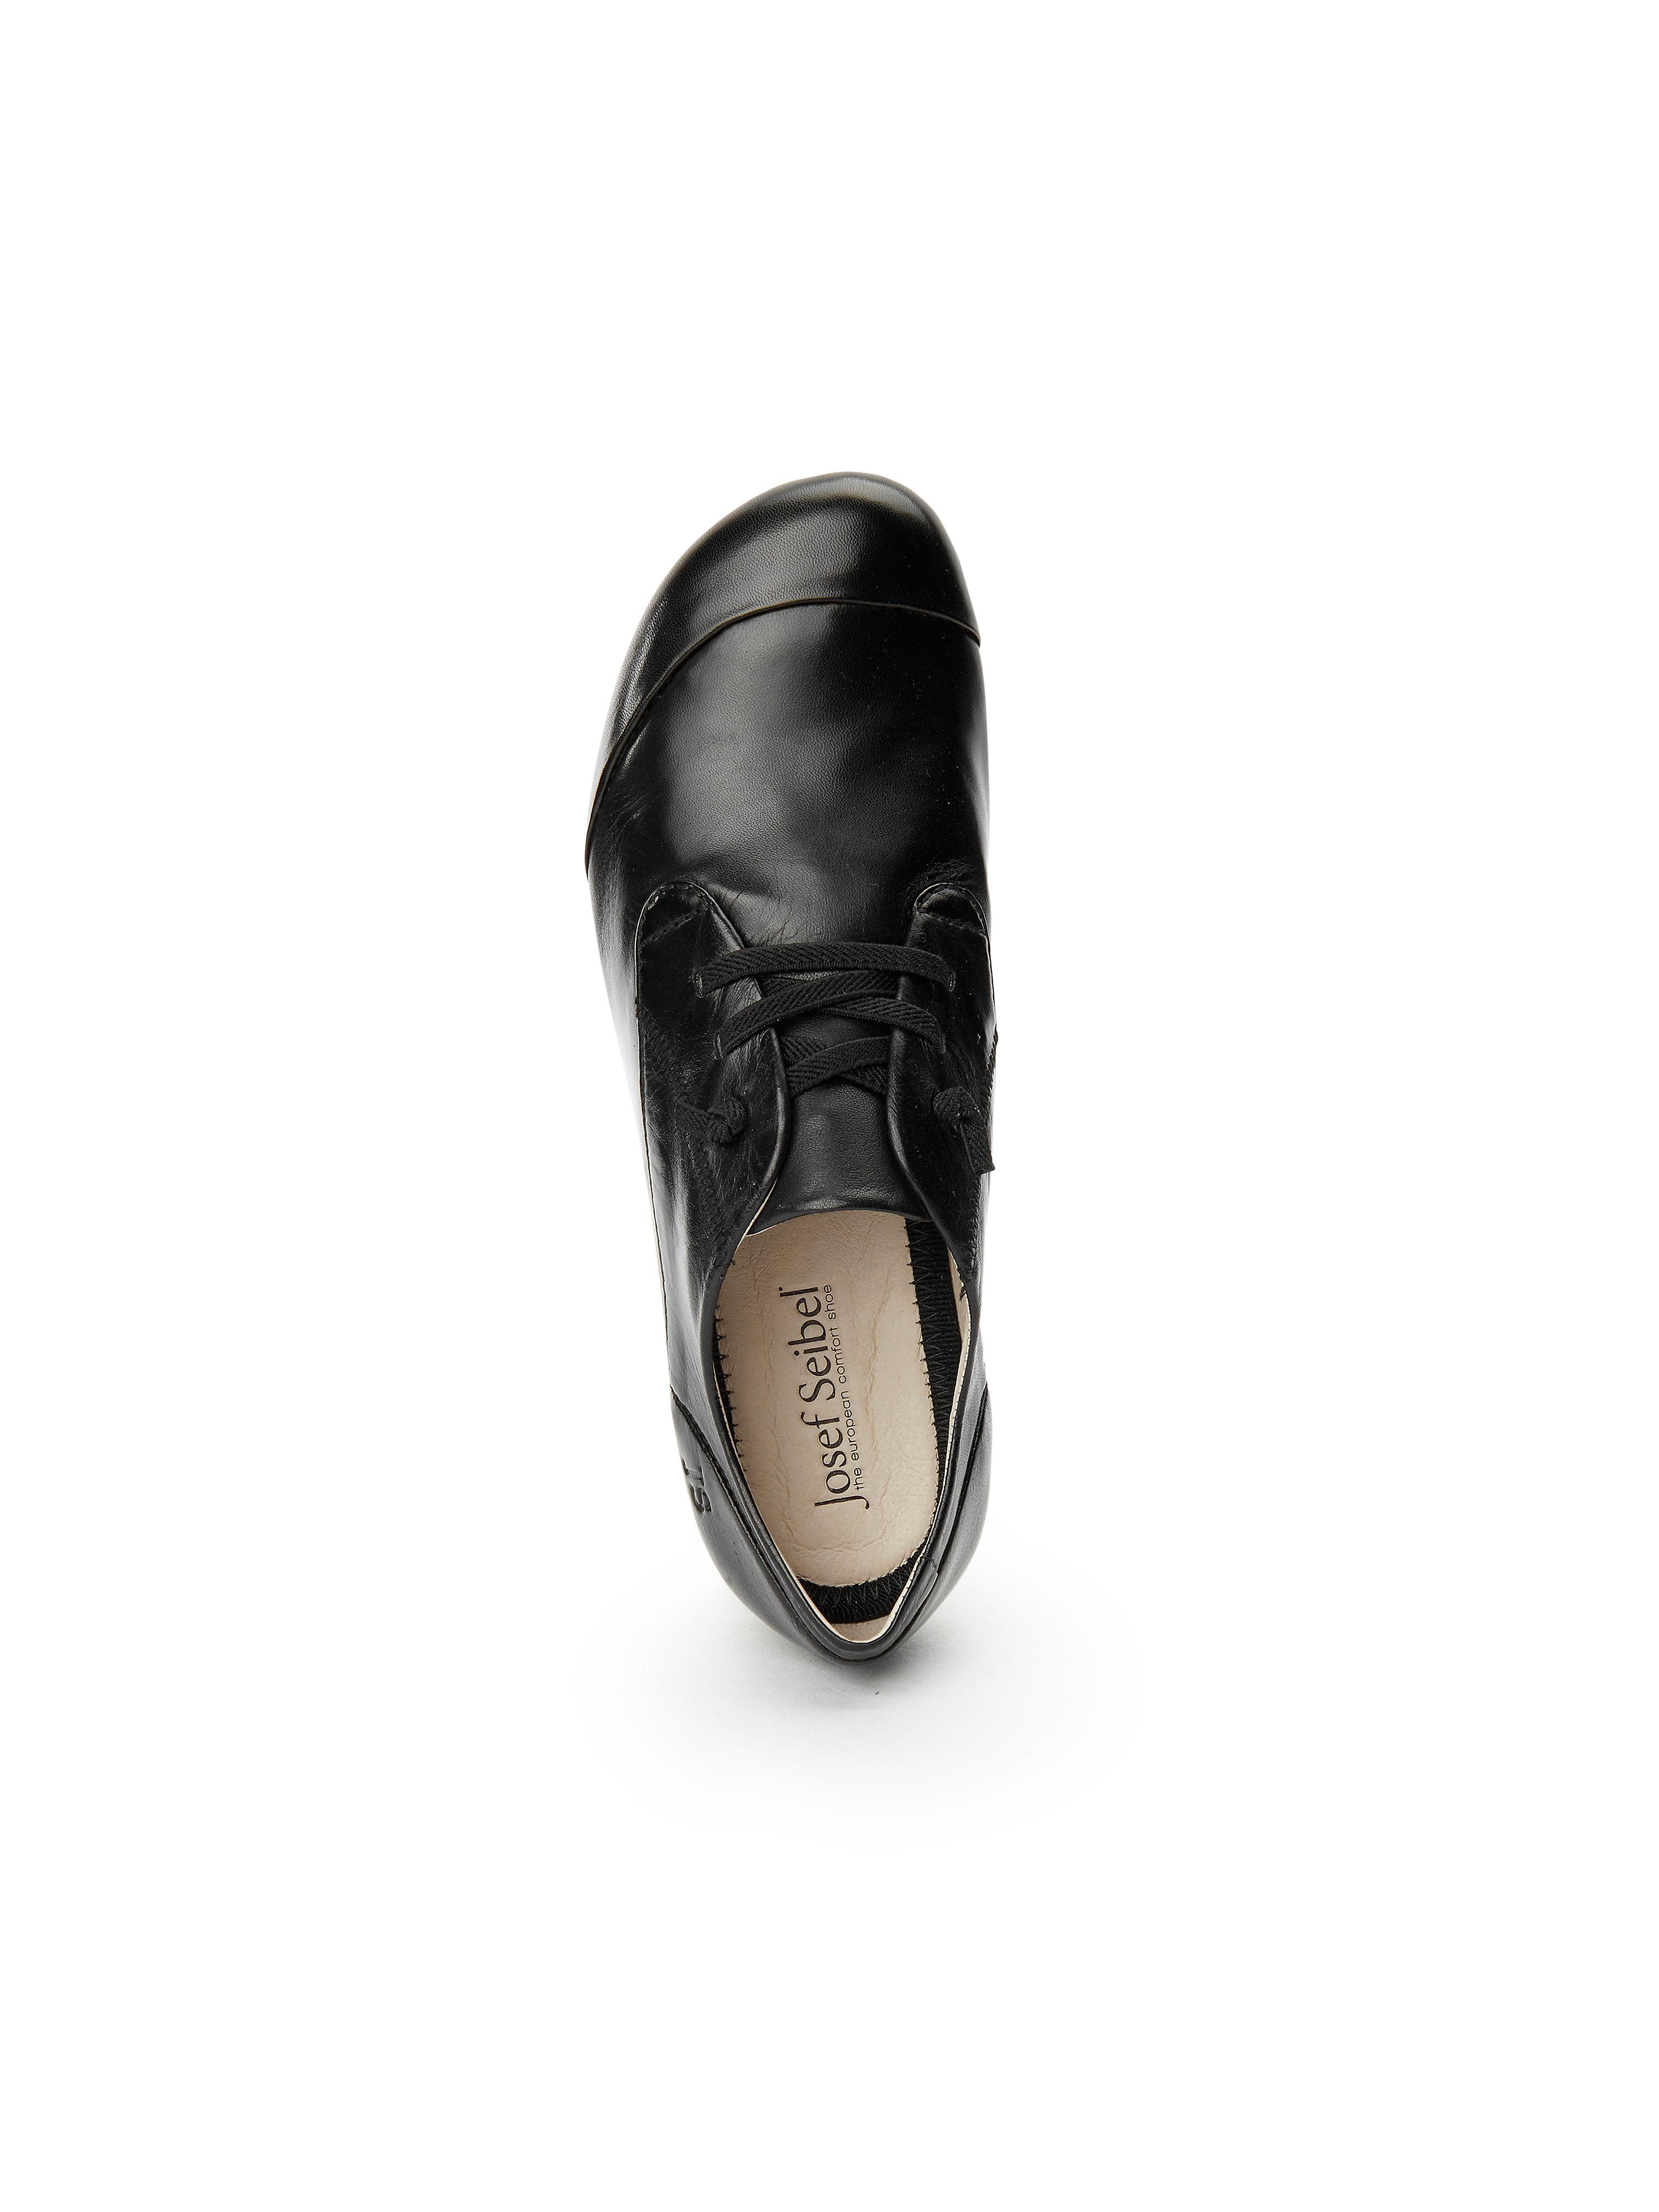 Josef Seibel - Schnürer aus 100% Leder - Schuhe Schwarz Gute Qualität beliebte Schuhe - 5734ae